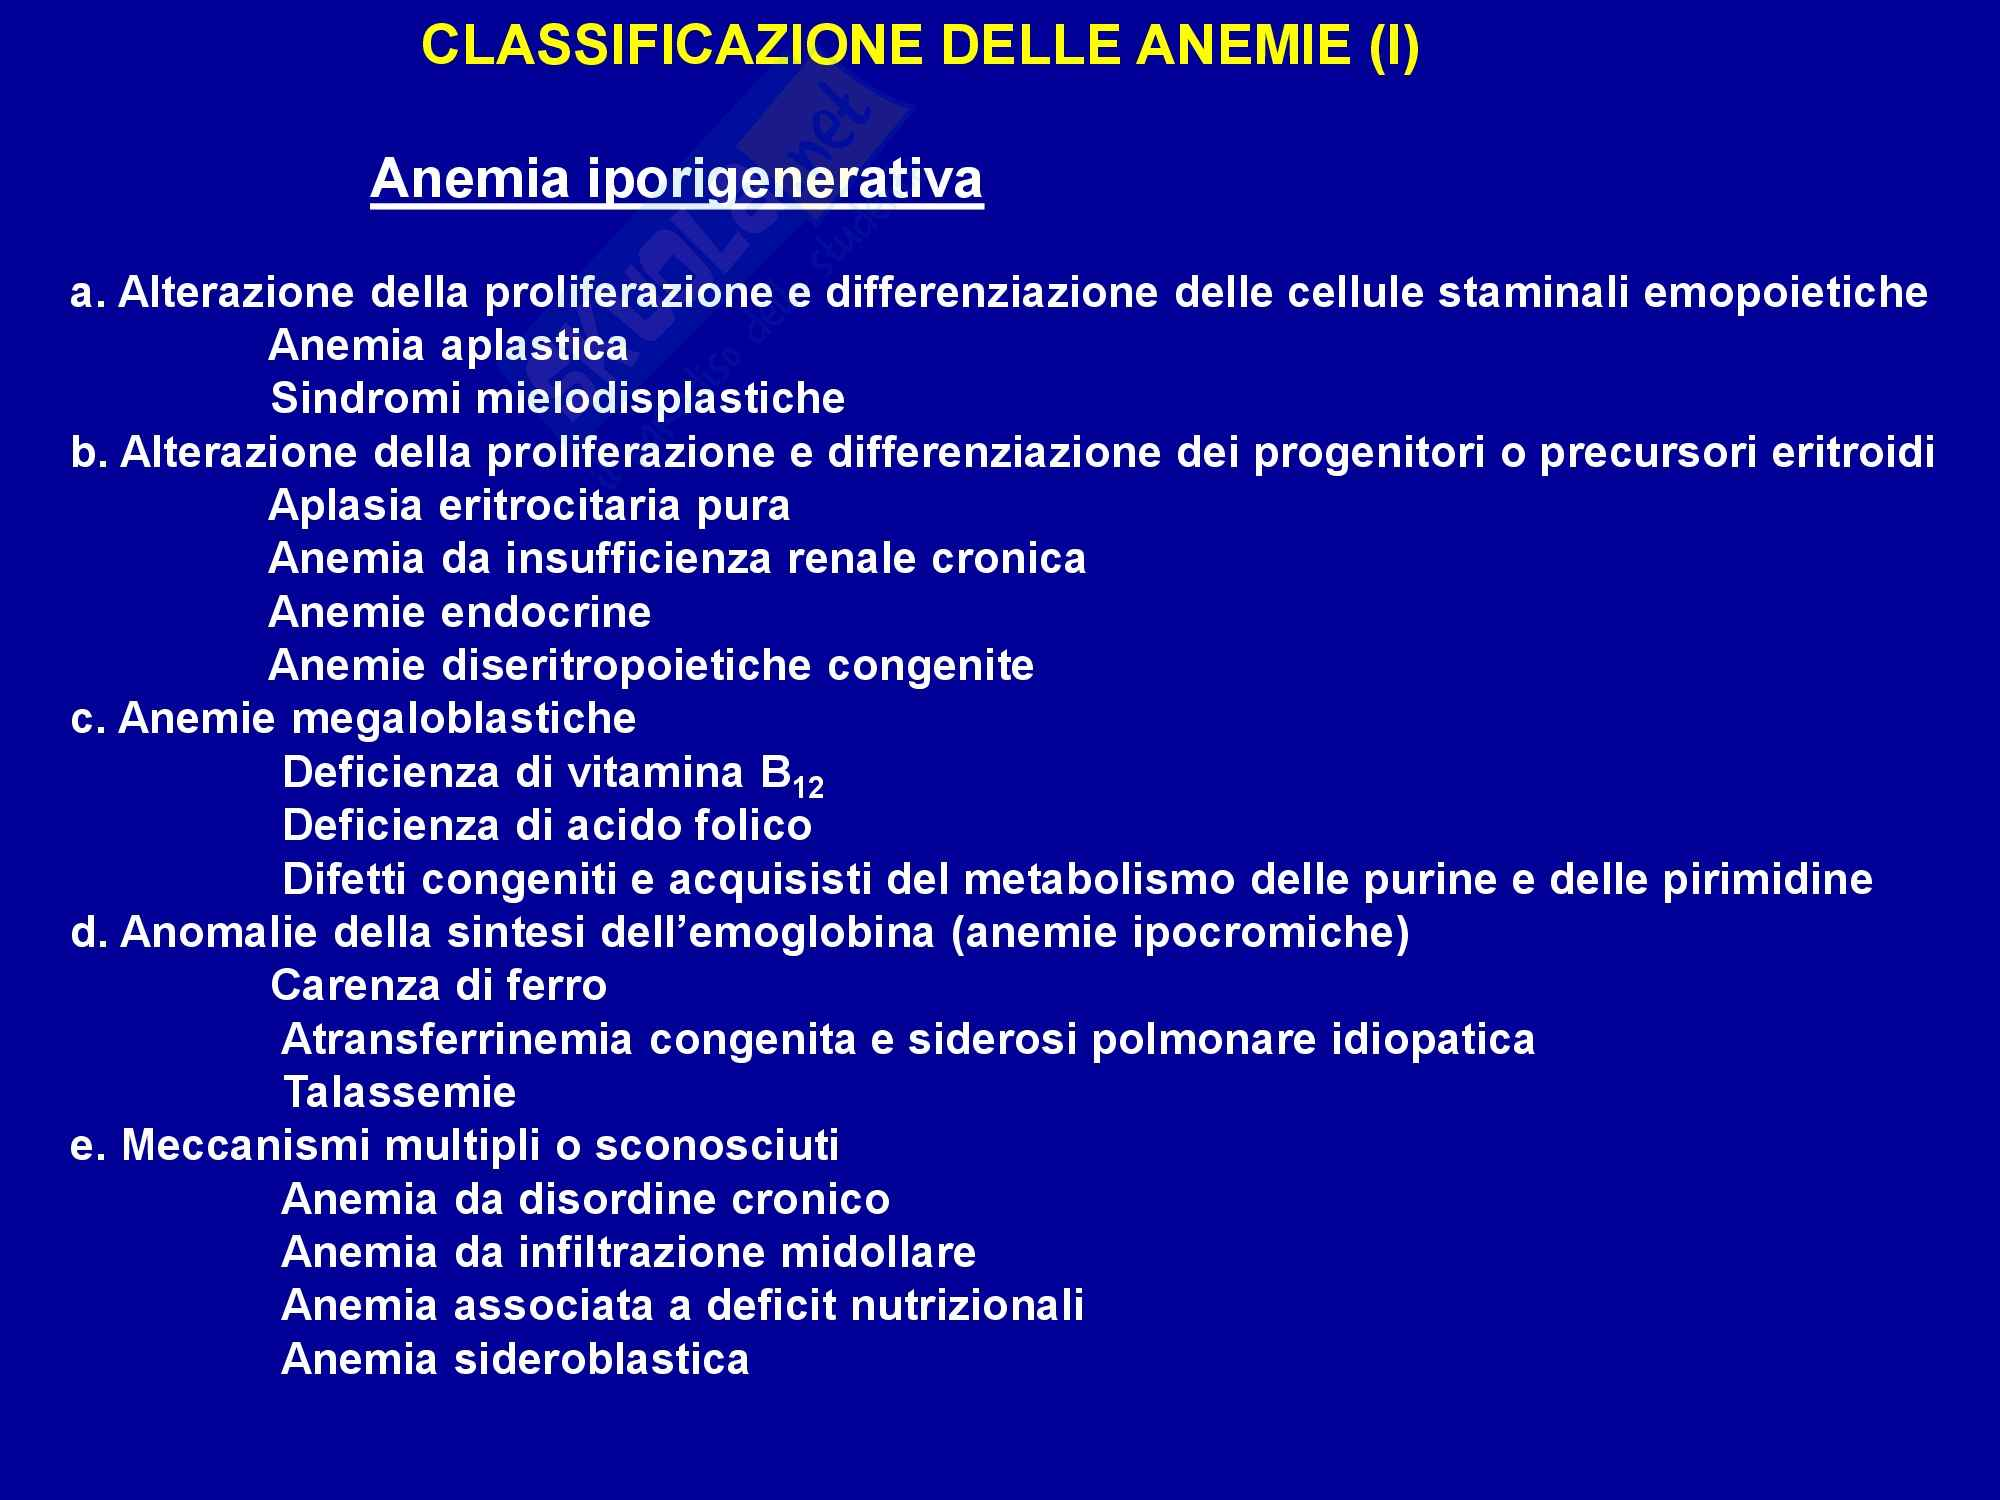 Anemia - Definizione e classificazione Pag. 11